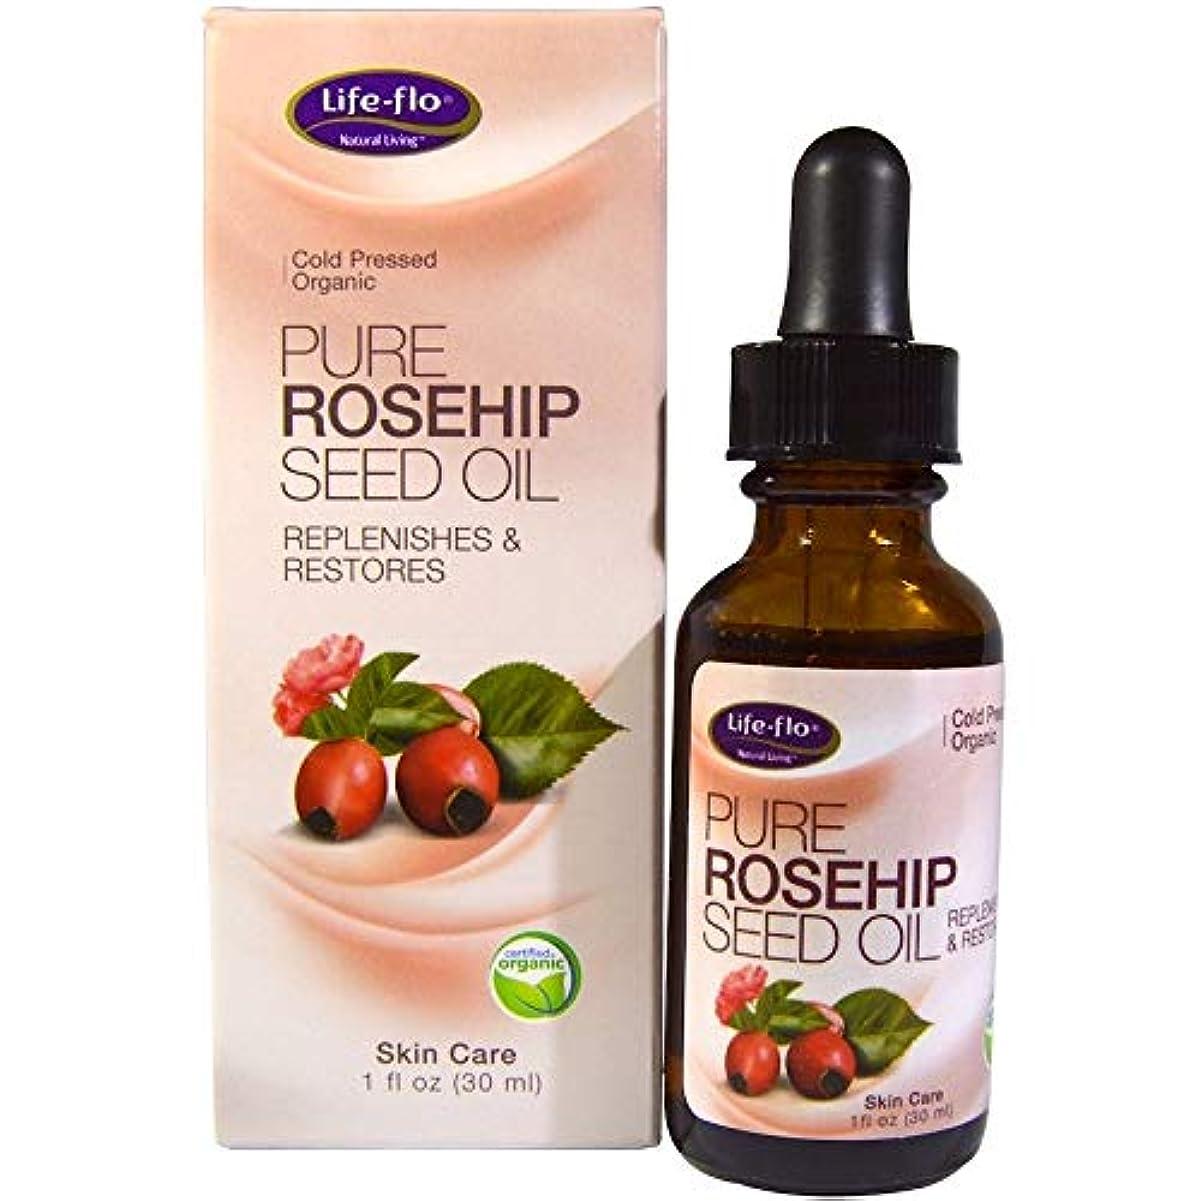 幾何学救急車櫛[並行輸入品] Life-Flo Pure Rosehip Seed Oil, 1 oz x 2パック